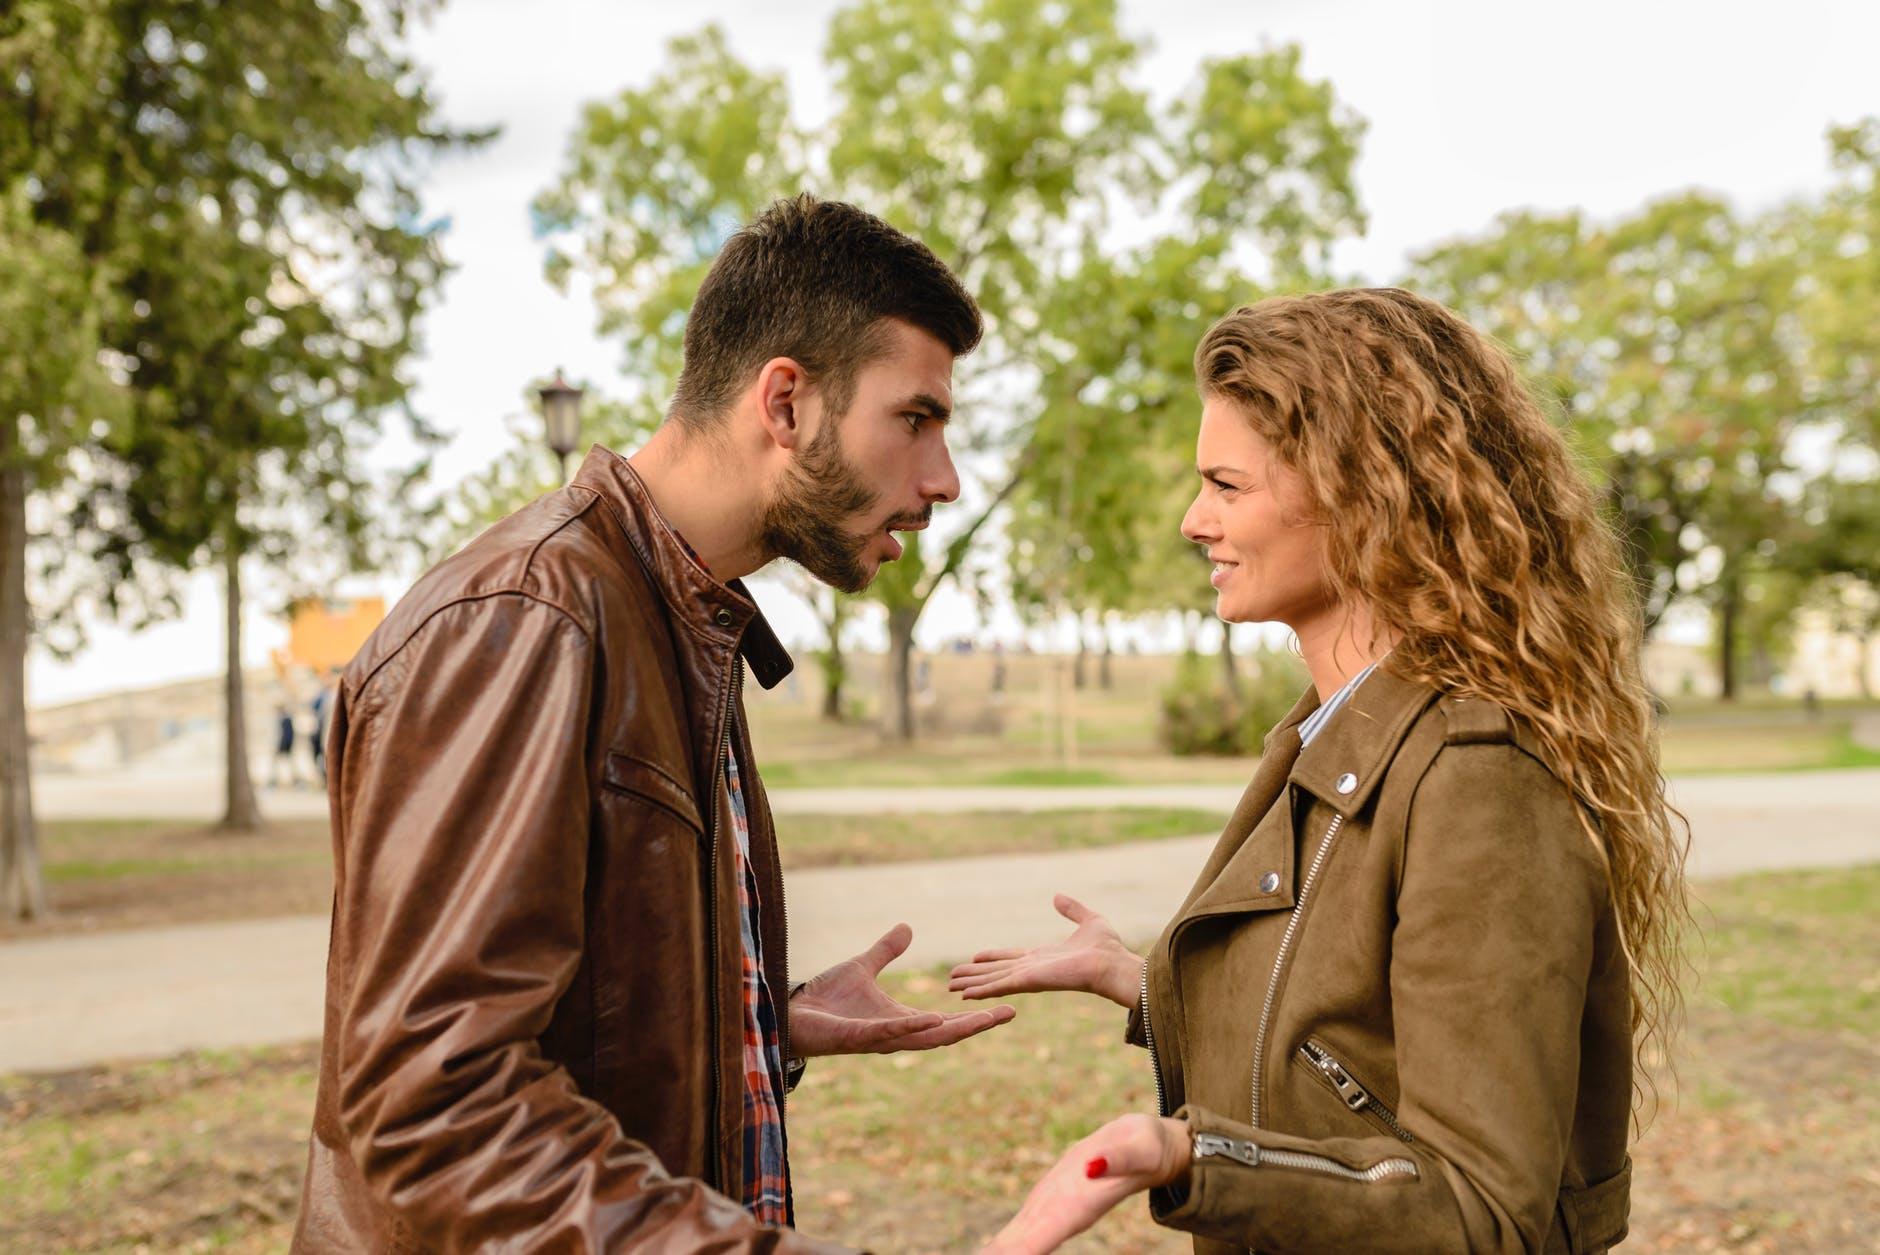 chàng trai và cô gái giao tiếp với nhau